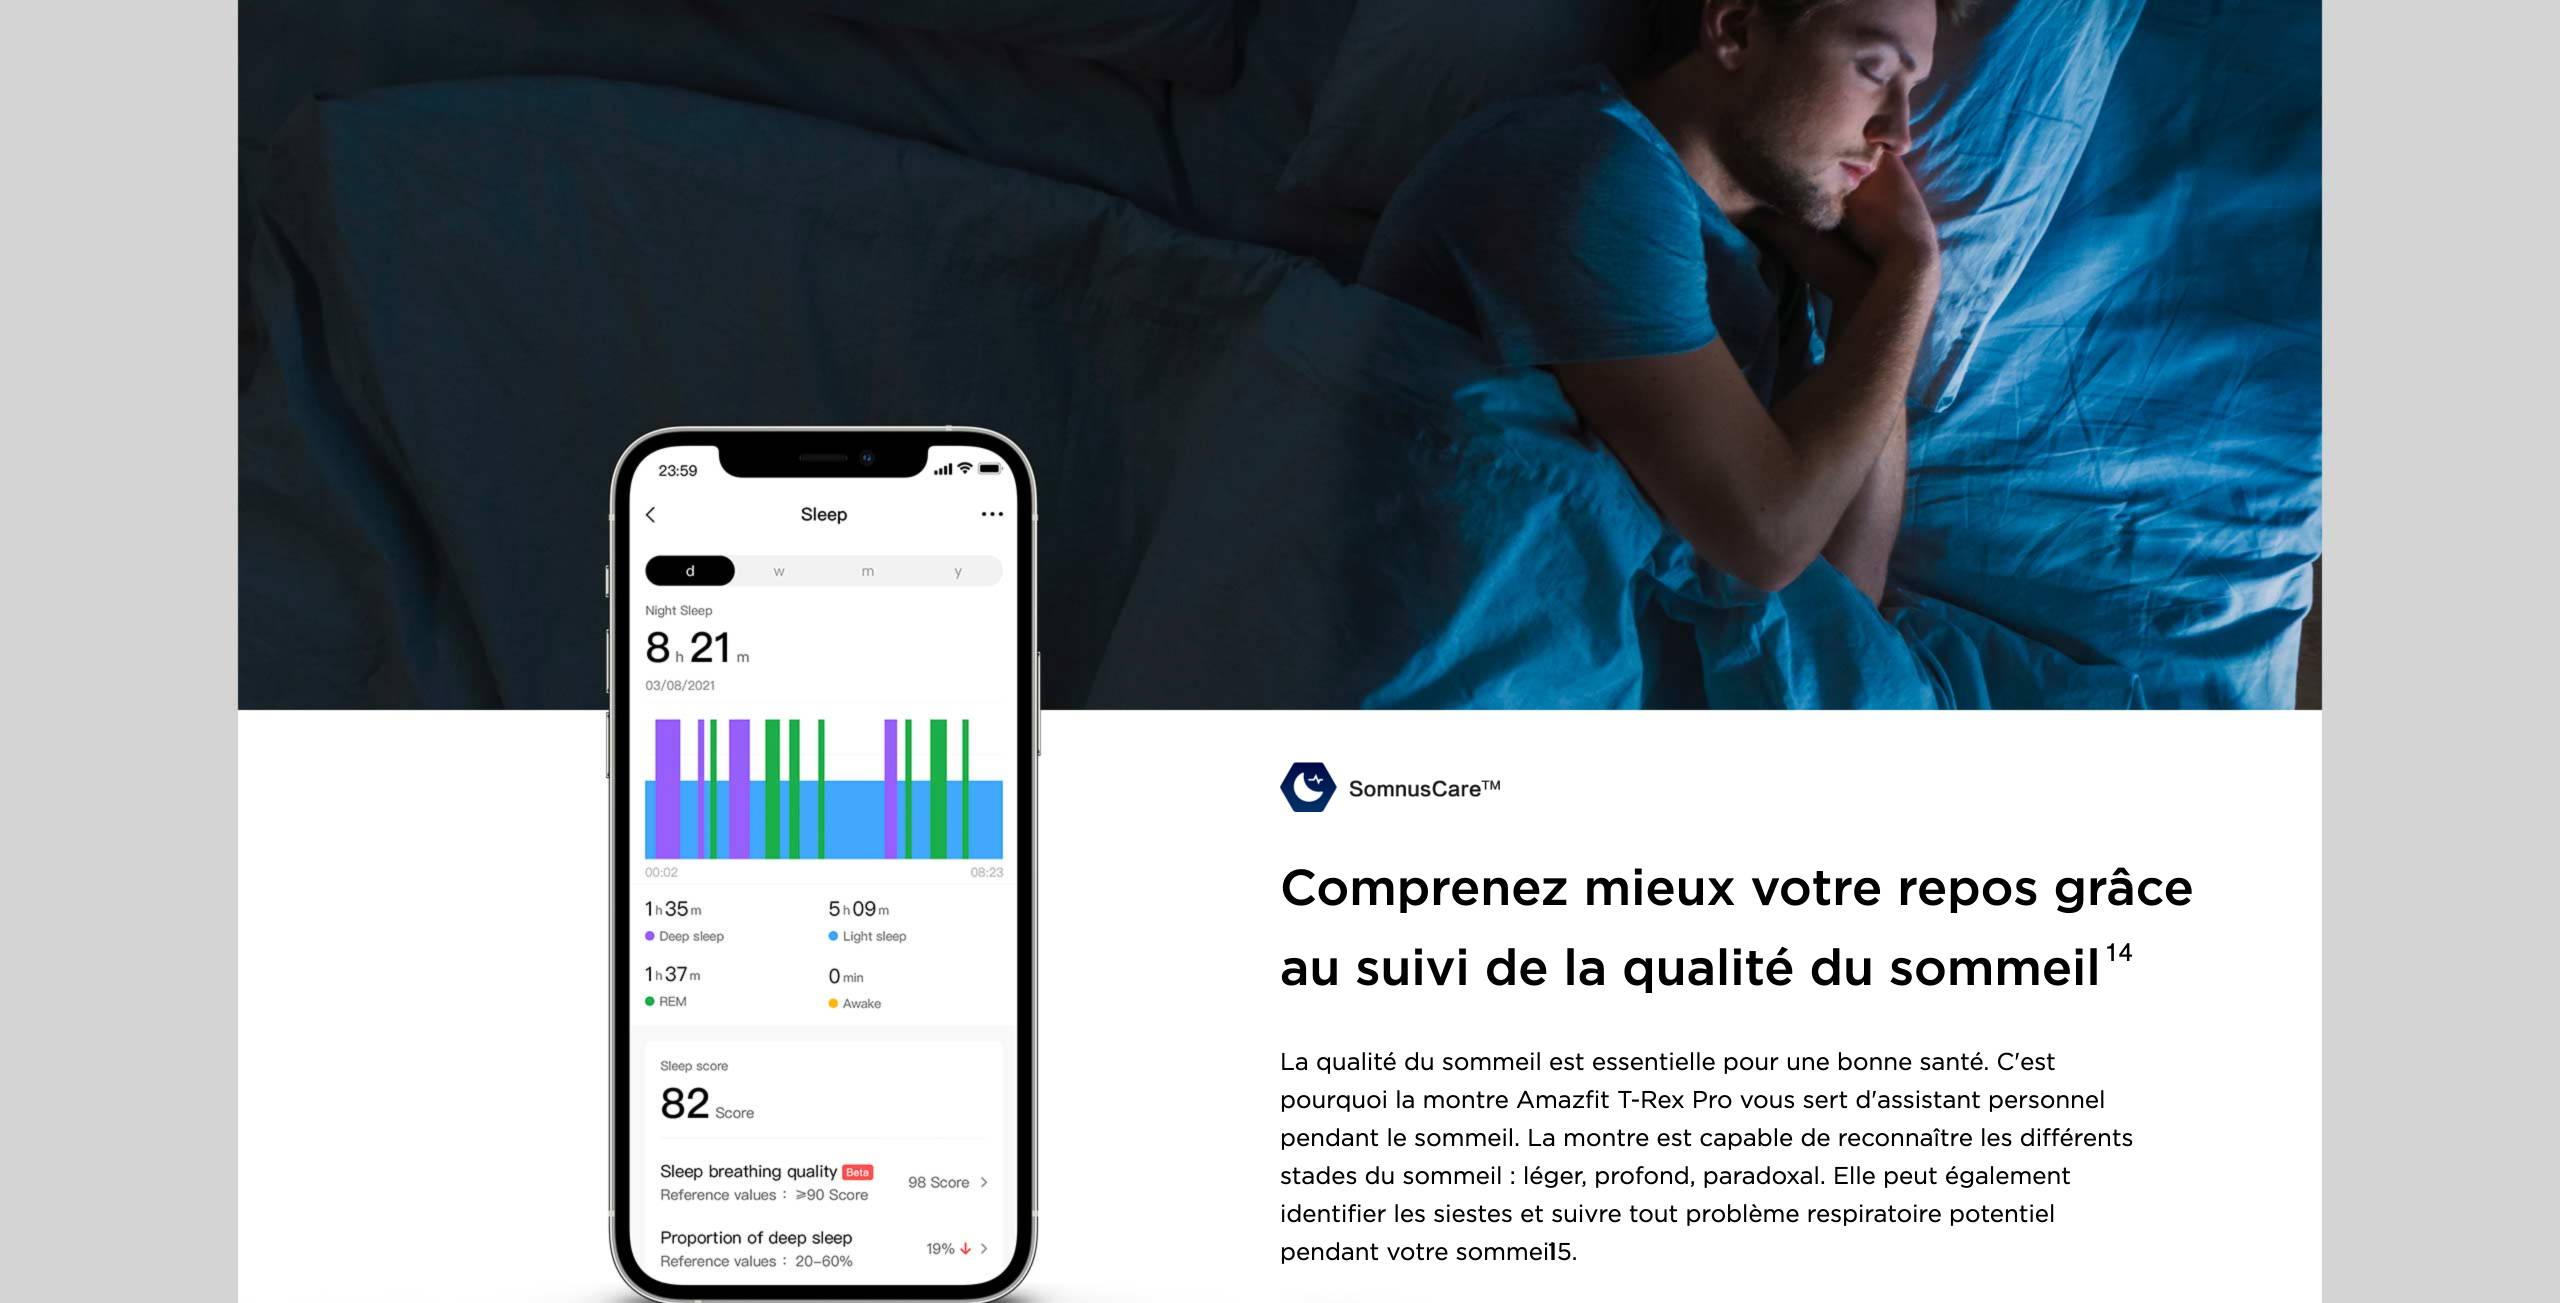 Amzfit T-Rex Pro - Comprenez mieux votre repos grâce au suivi de la qualité du sommeil